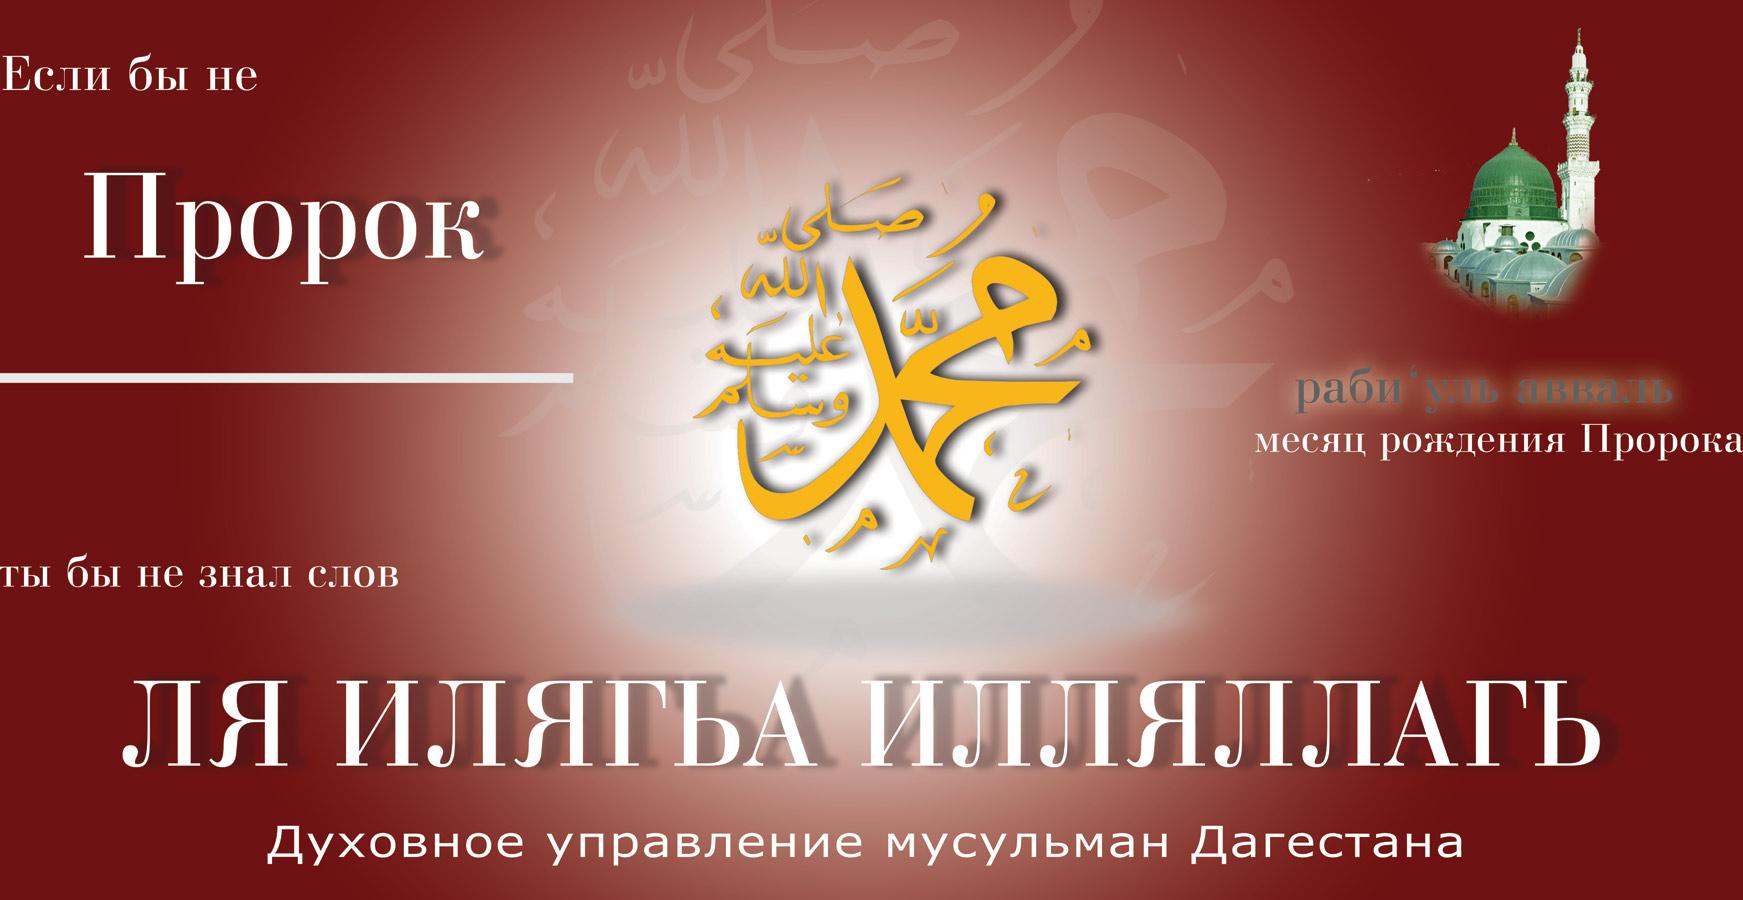 яркой, день рождения пророка мухаммеда в магазинов Санкт-Петербурга